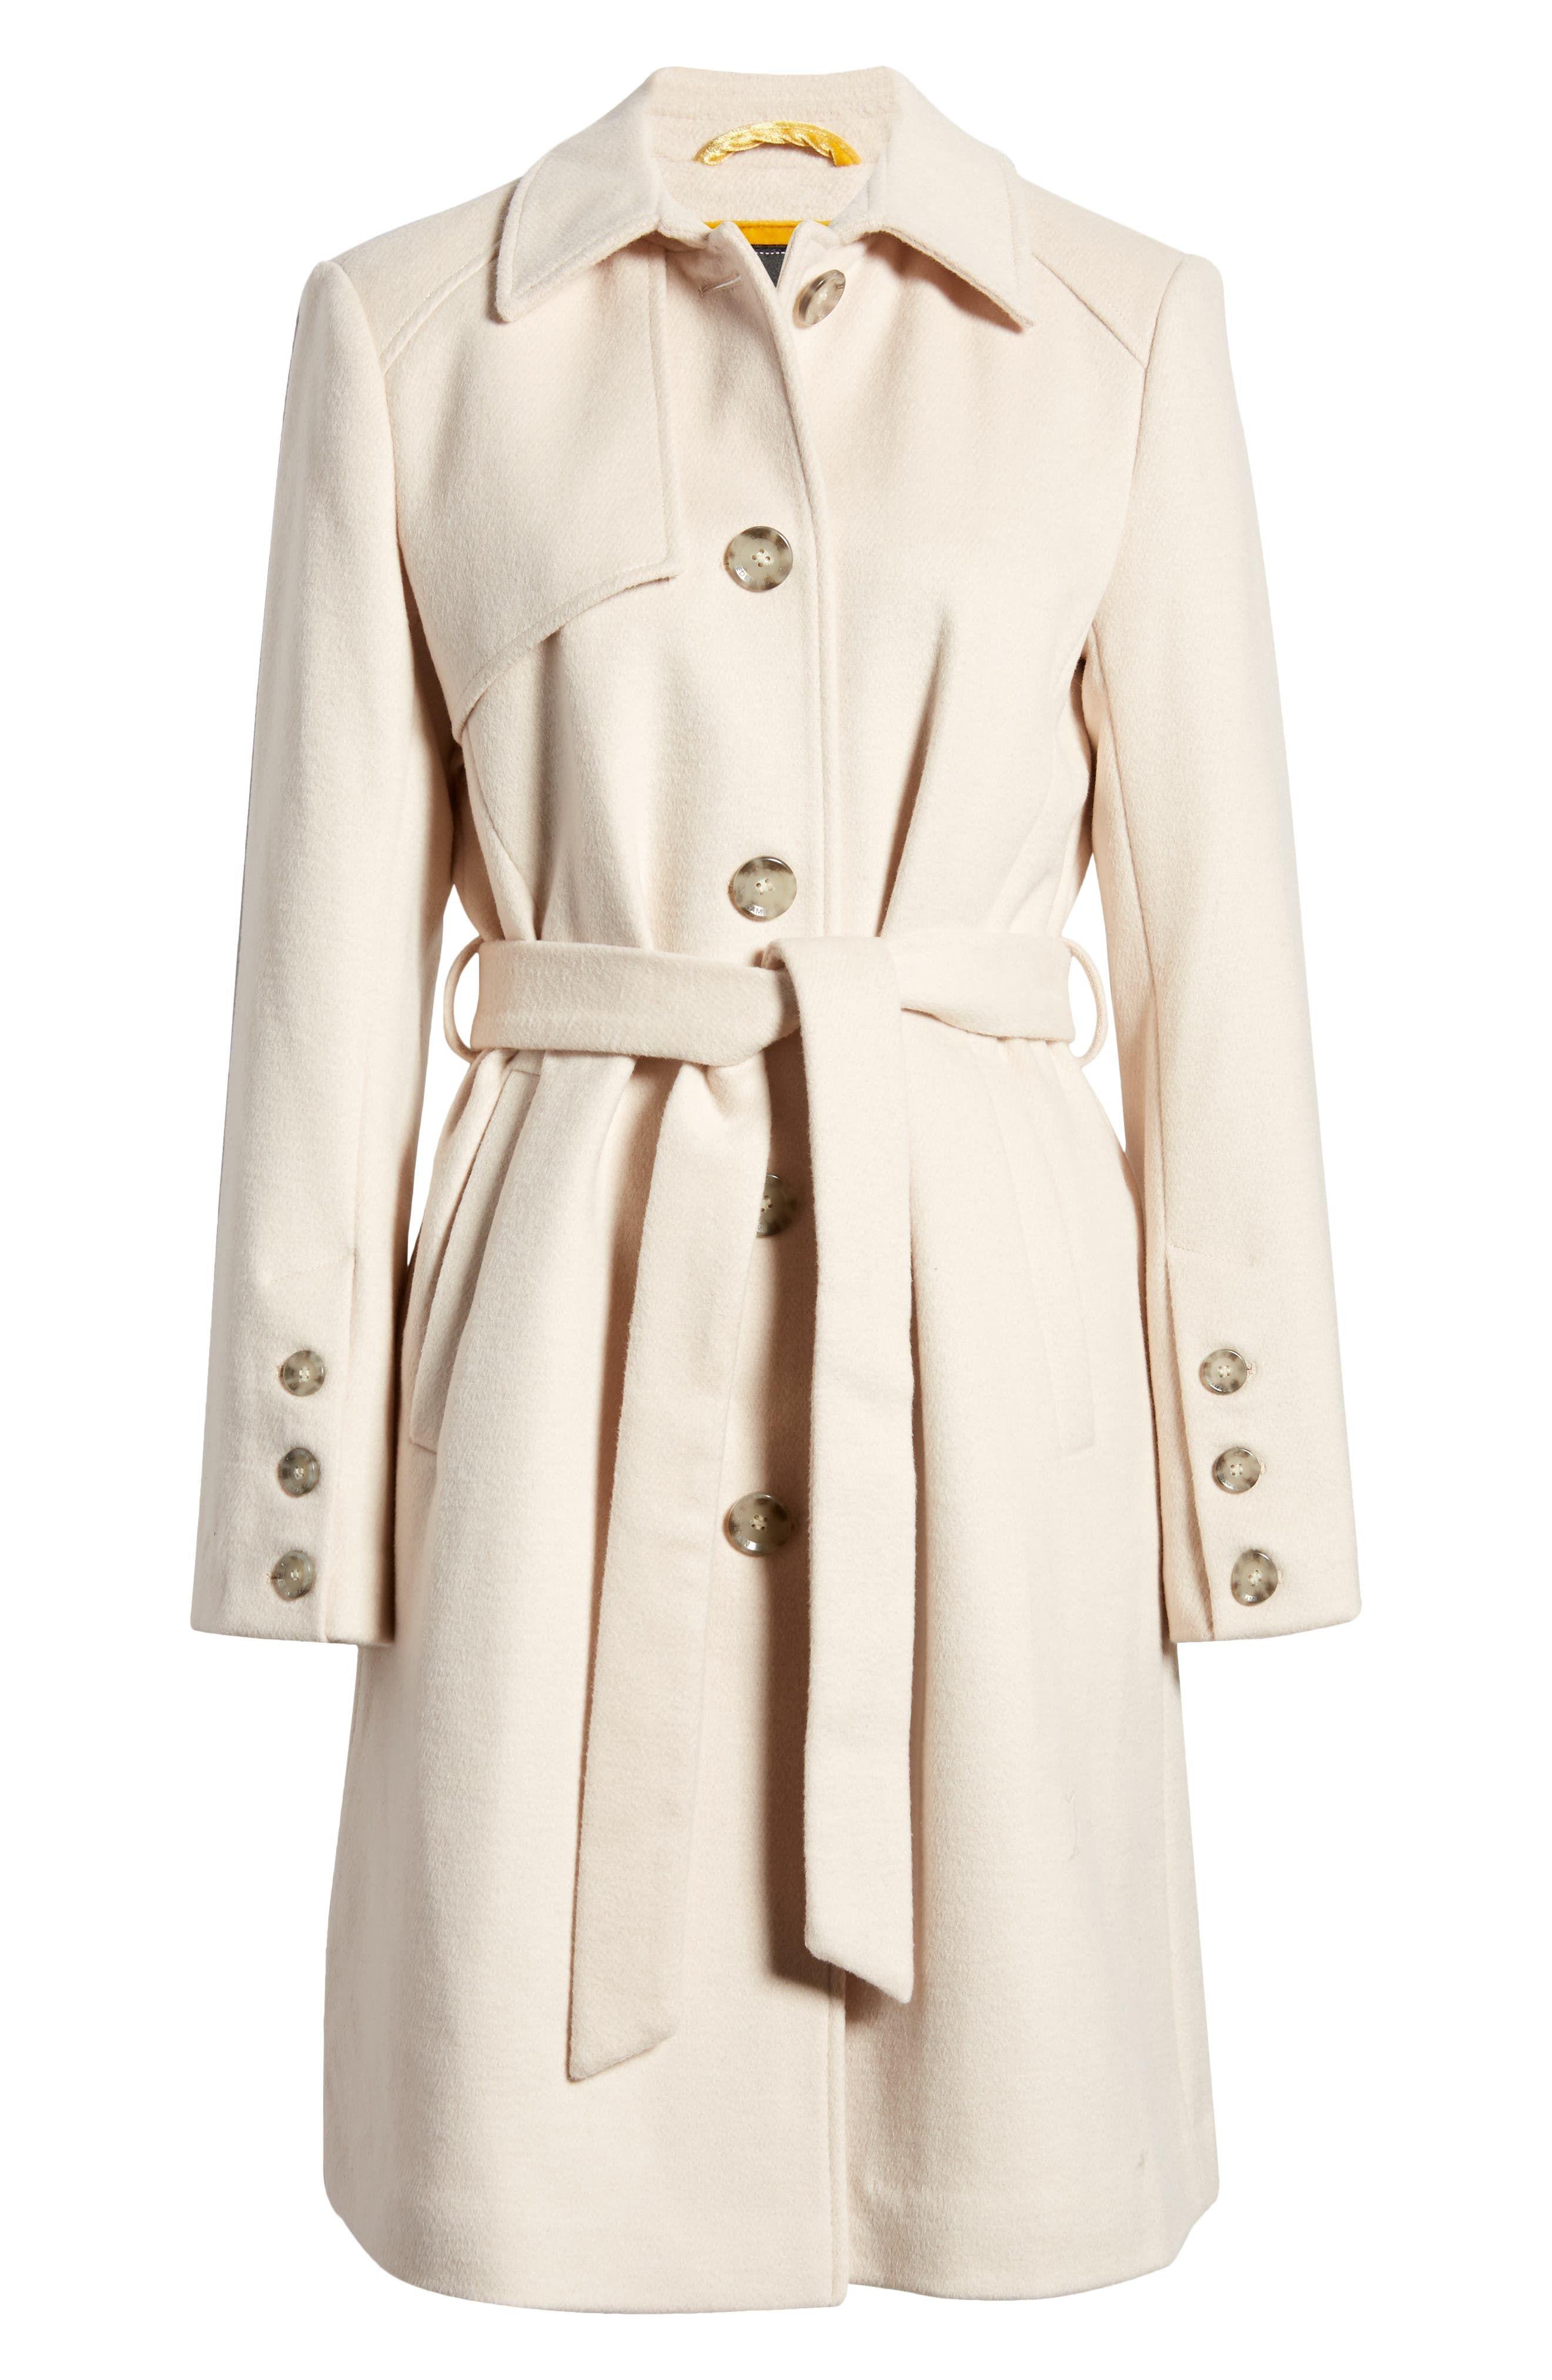 Sam Edelman Belted Wool Blend Coat Nordstrom In 2021 Wool Blend Coat Coat Wool Blend [ 4048 x 2640 Pixel ]